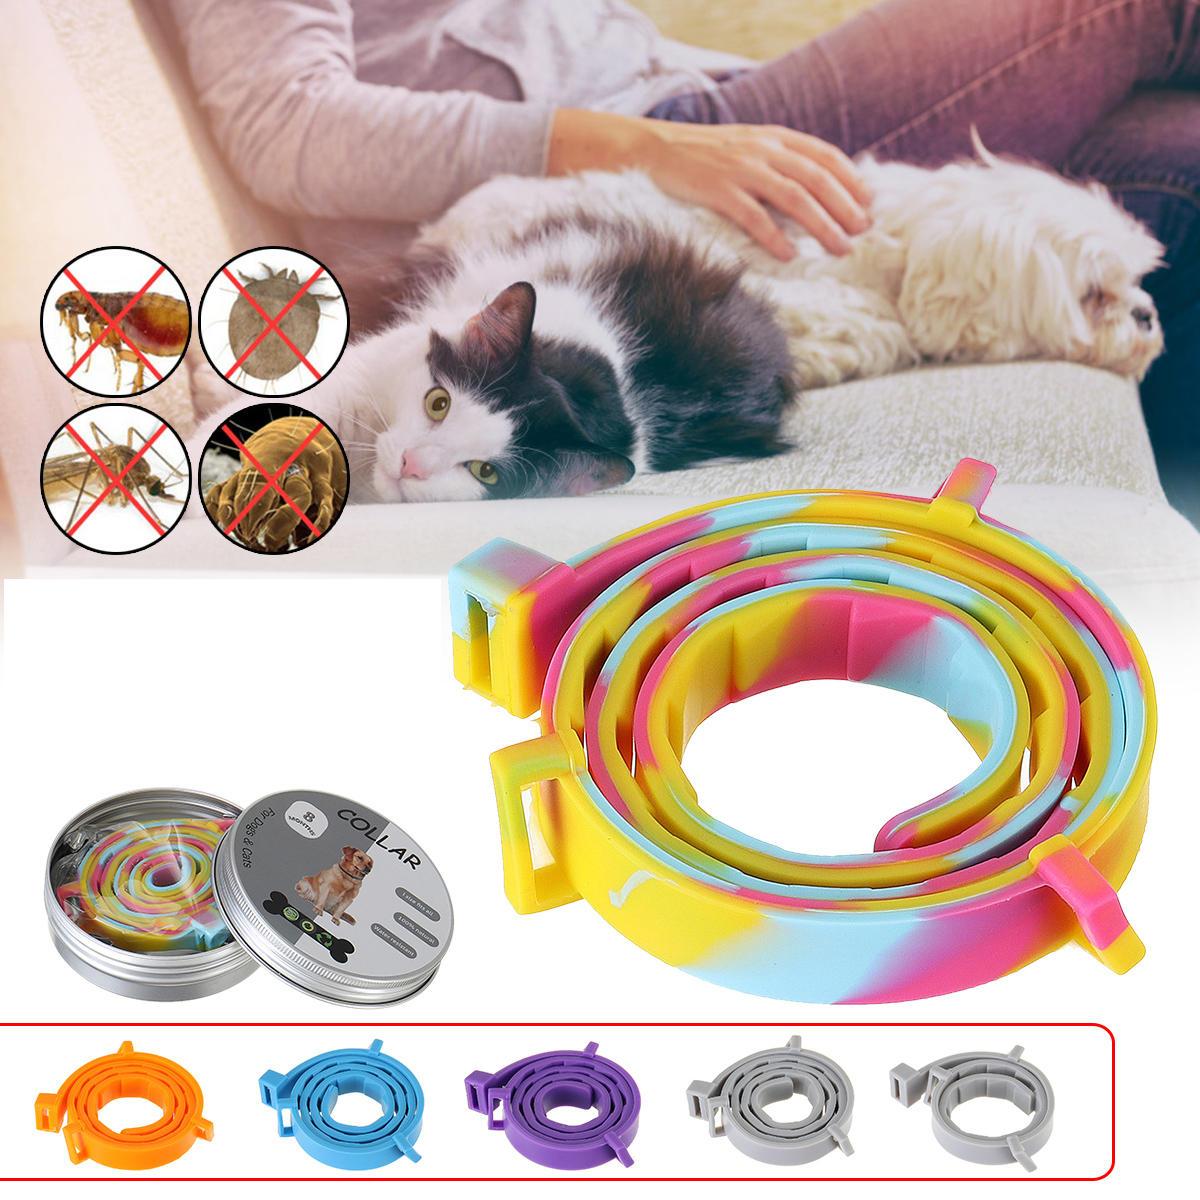 Pet Insect Repellent Collar Insect-Repellent Pet Cat And Dog Dog Cat Flea Collar